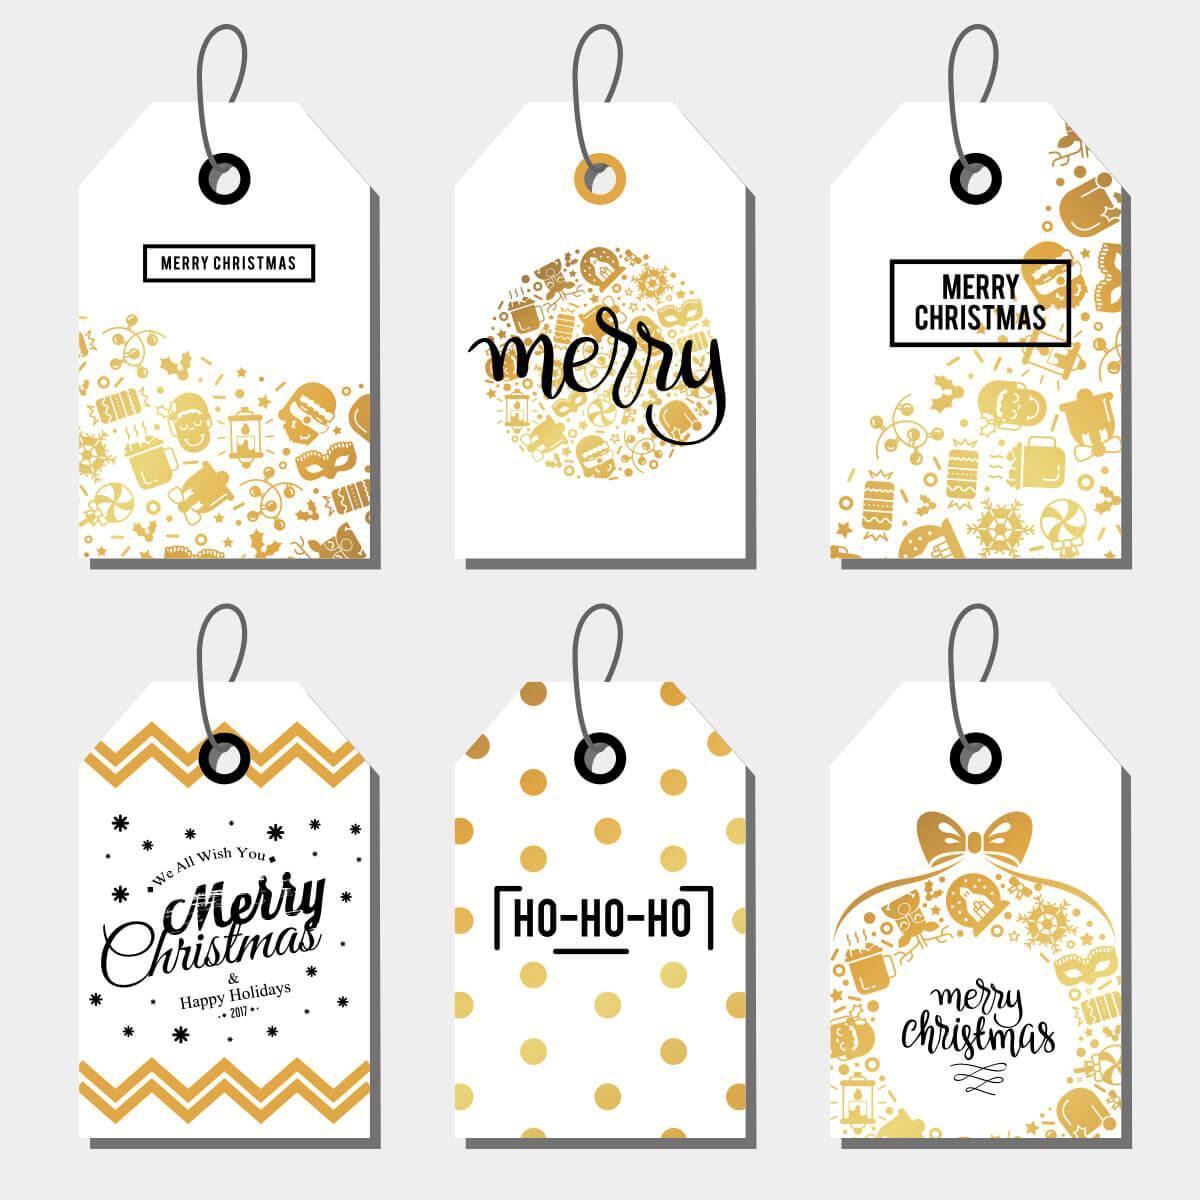 Открытки для подарков Новогодние  Золото 6 штук